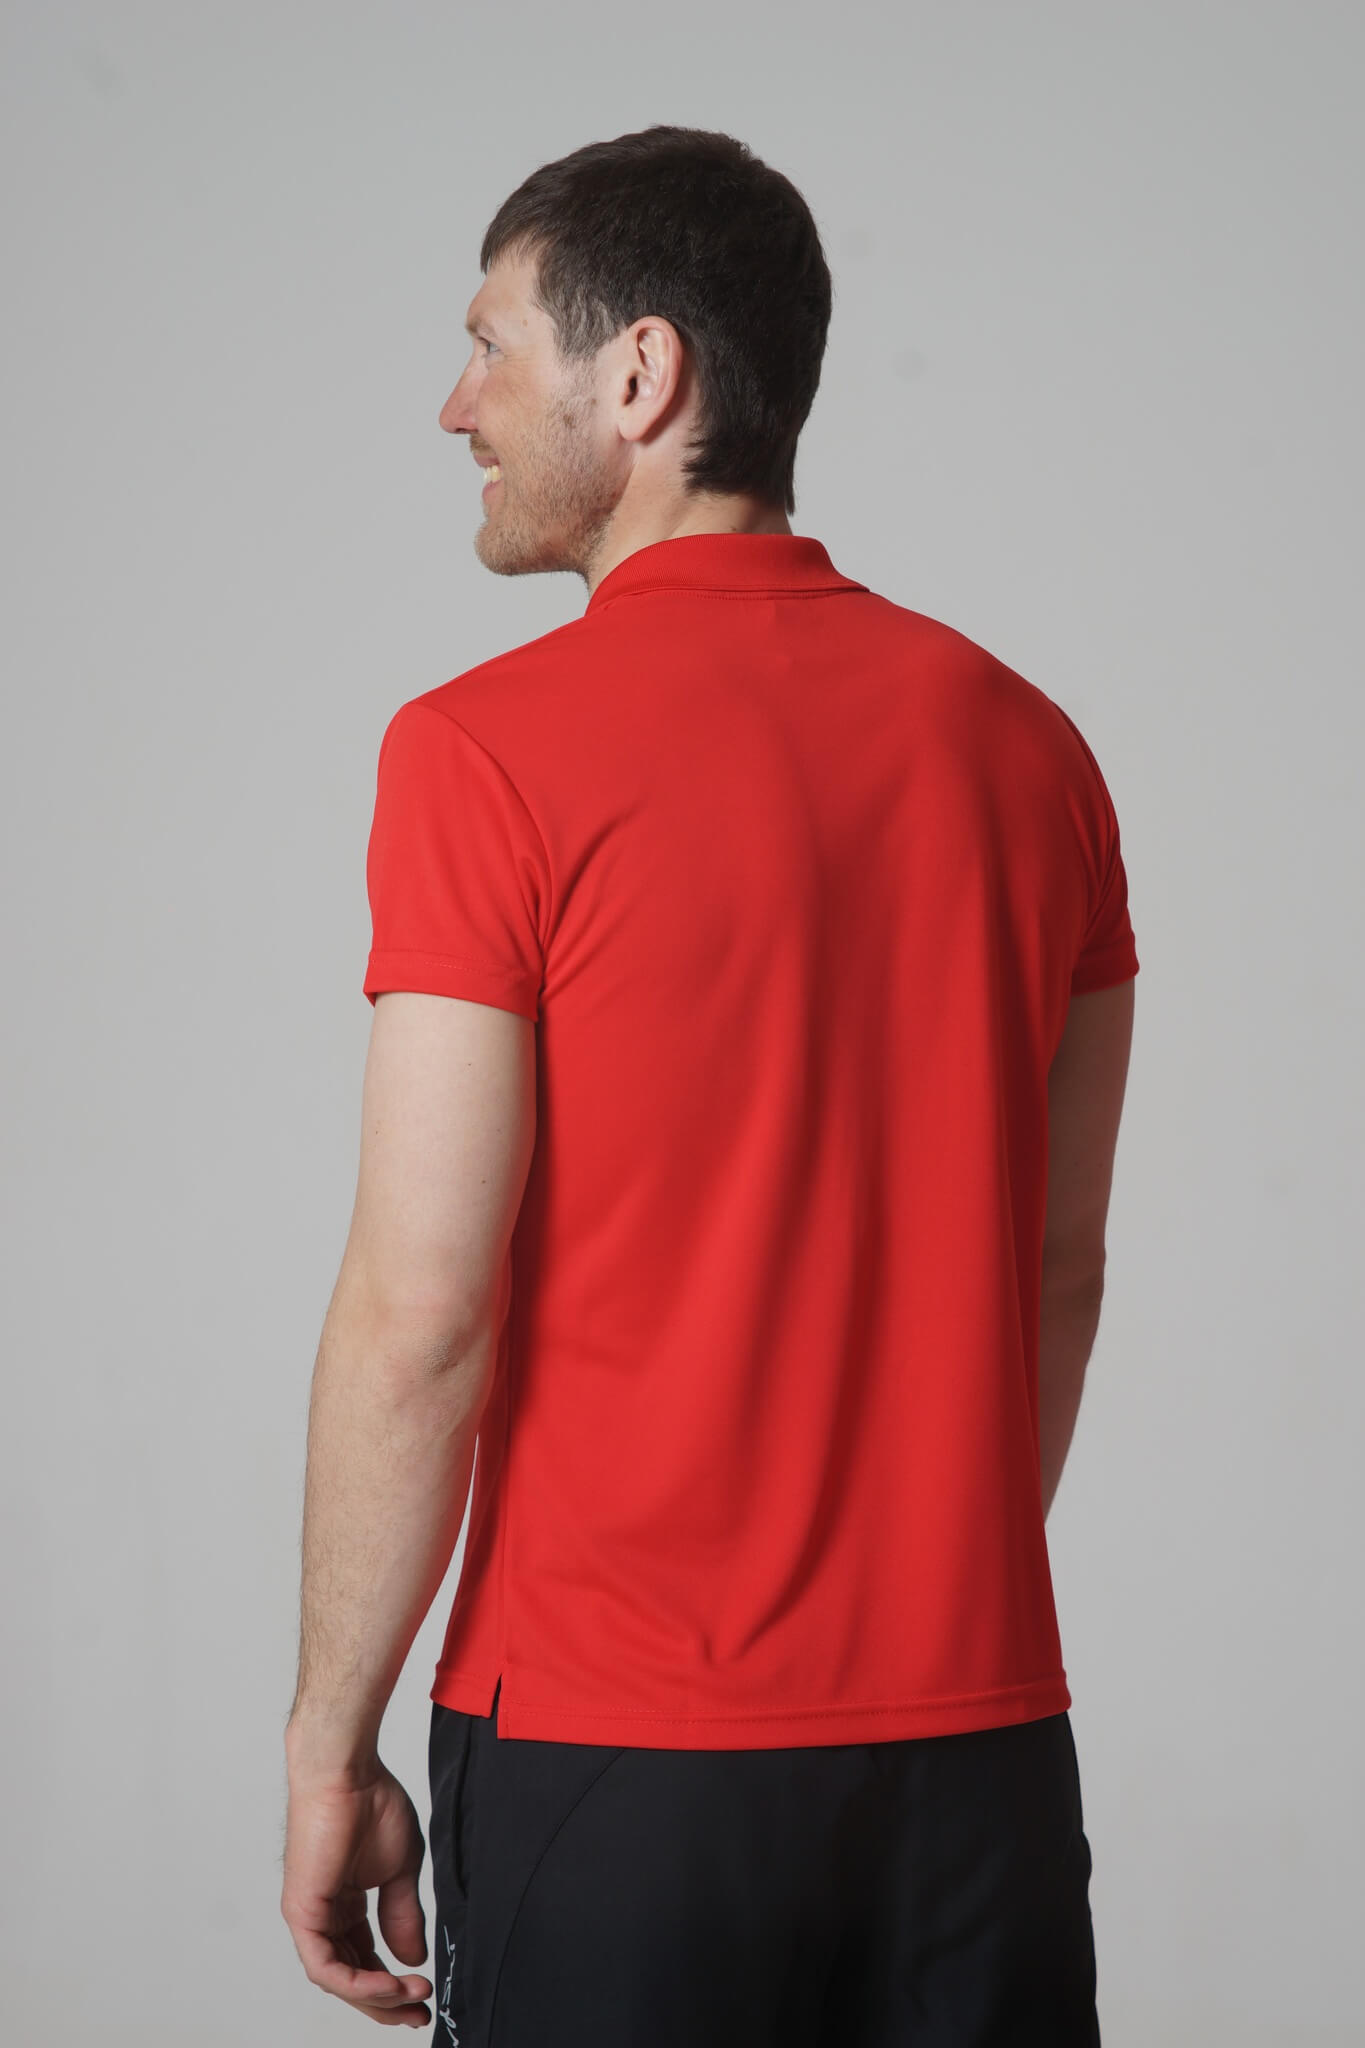 Nordski Active мужская футболка поло красная - 2